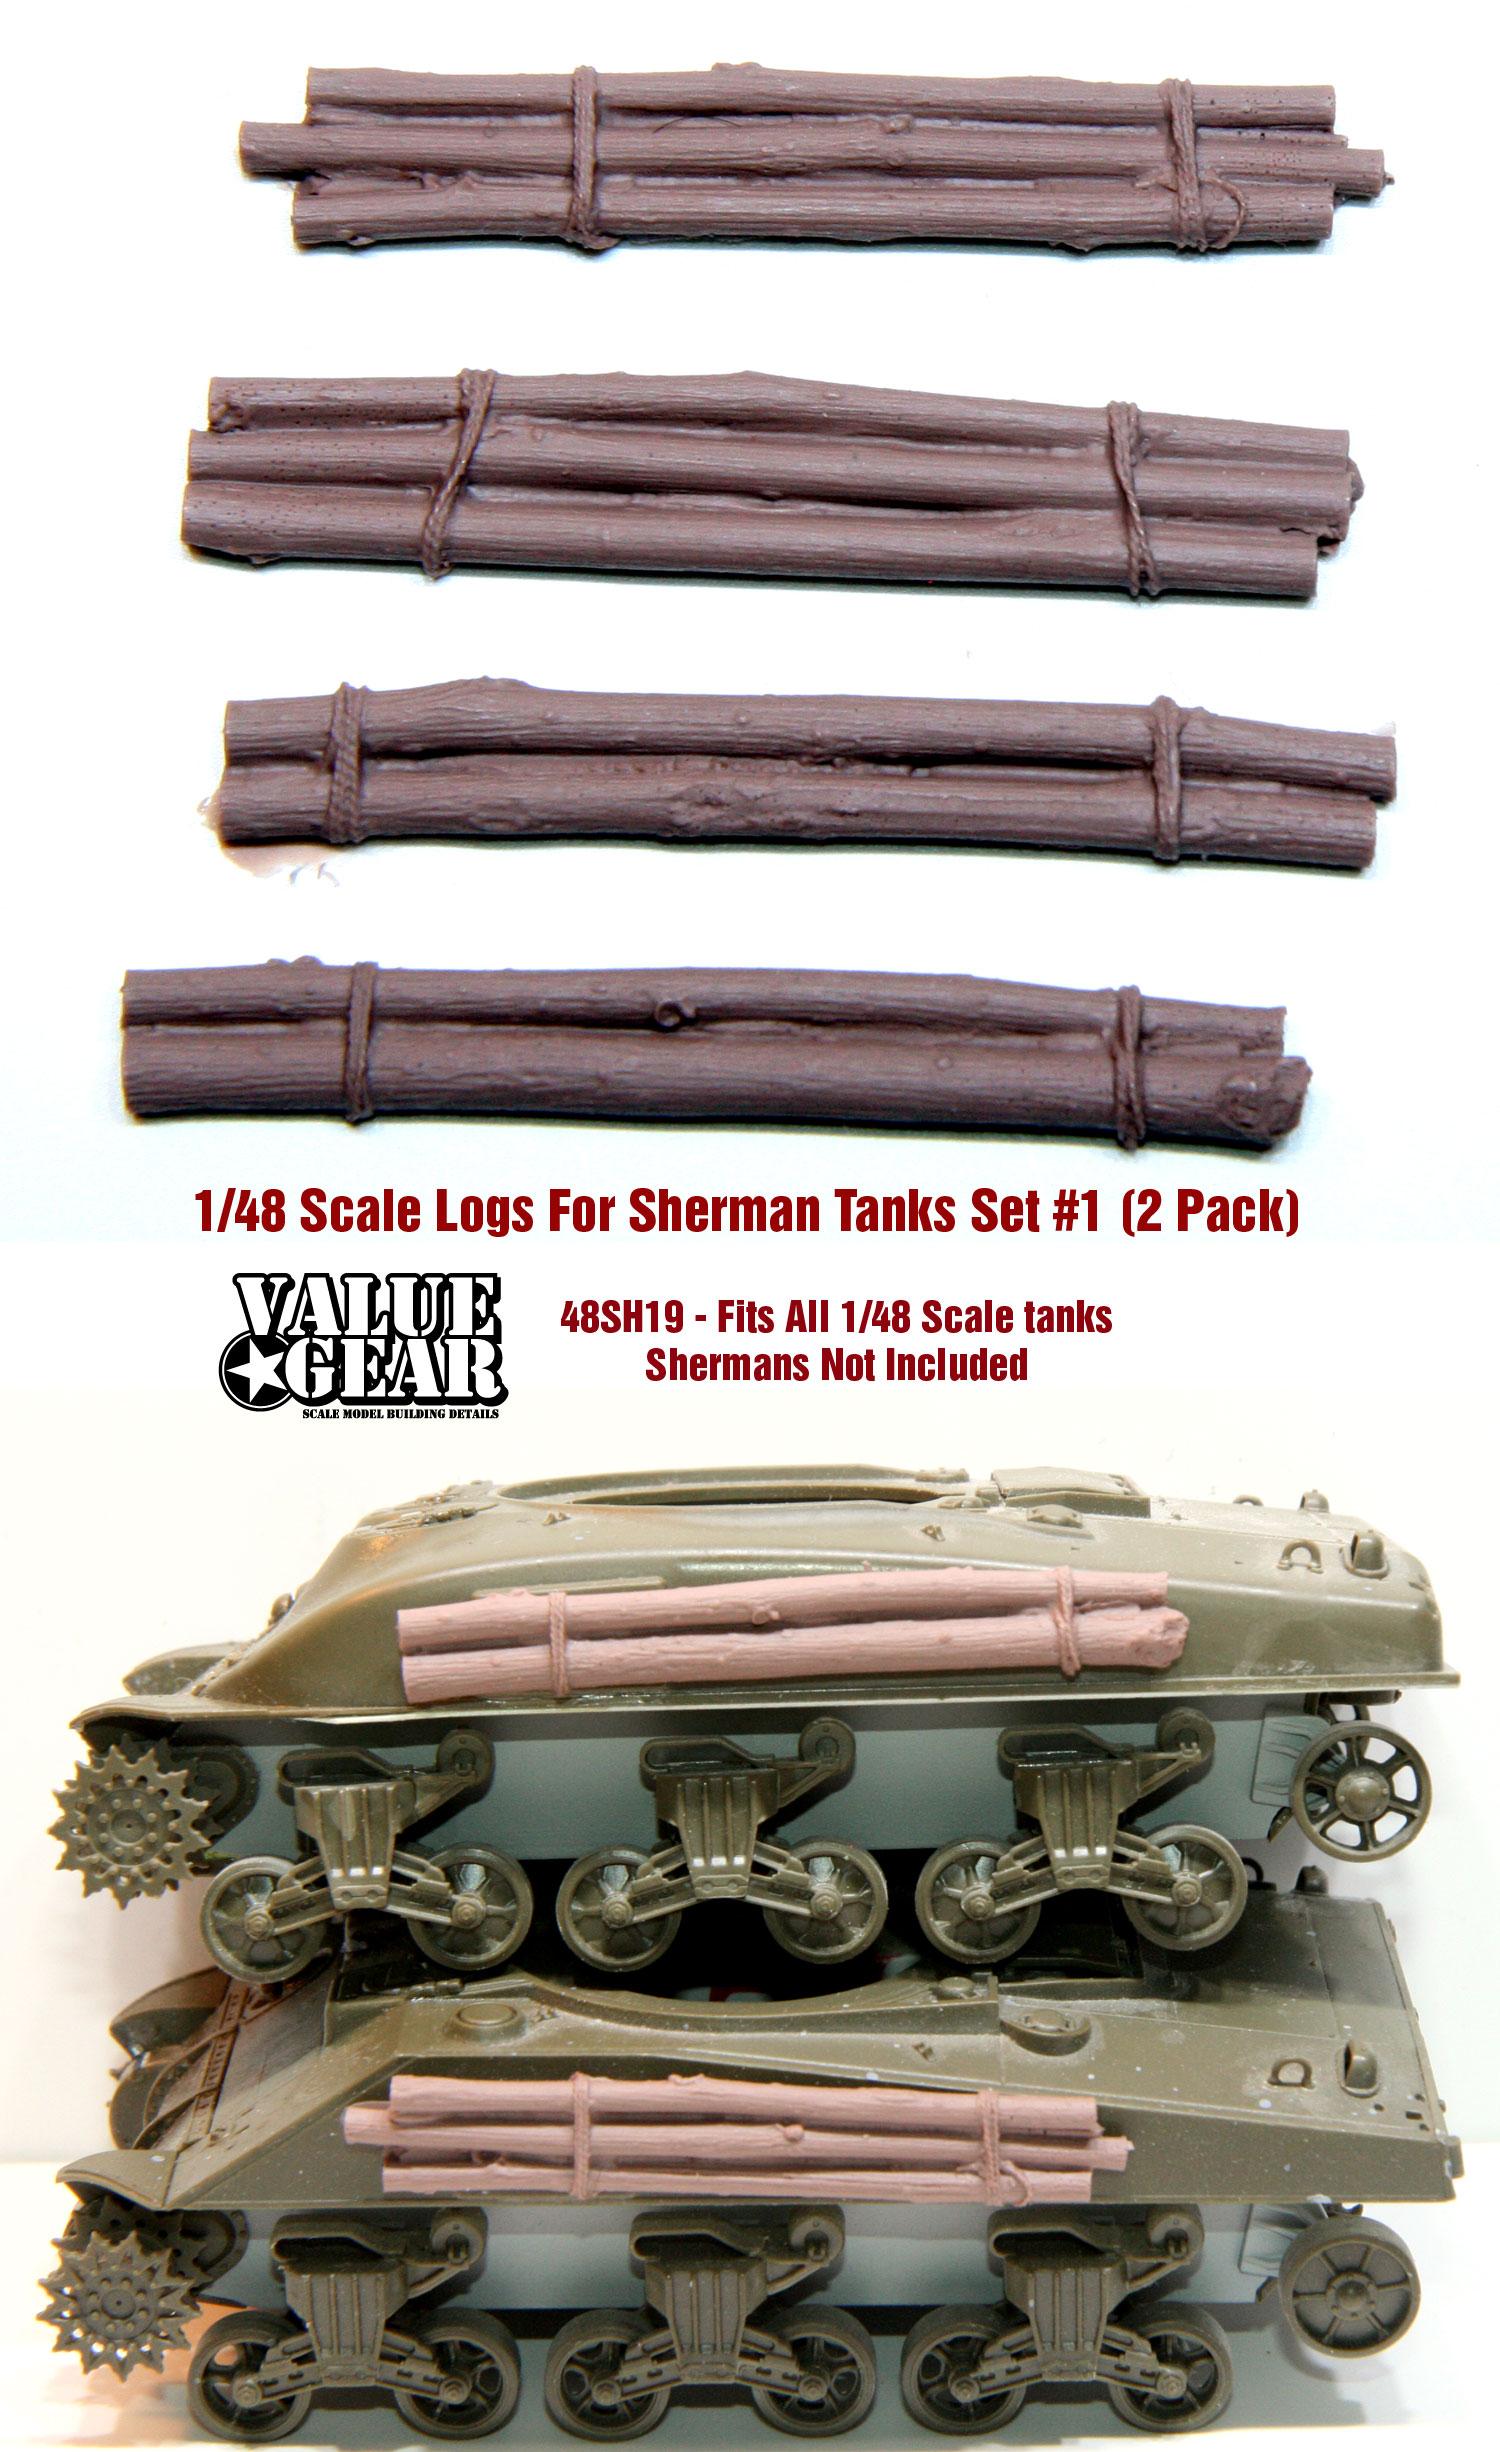 Value Gear 1//48 Tents Tarps /& Crates #1 27 pieces, 16 Crates /& 11 Rolls